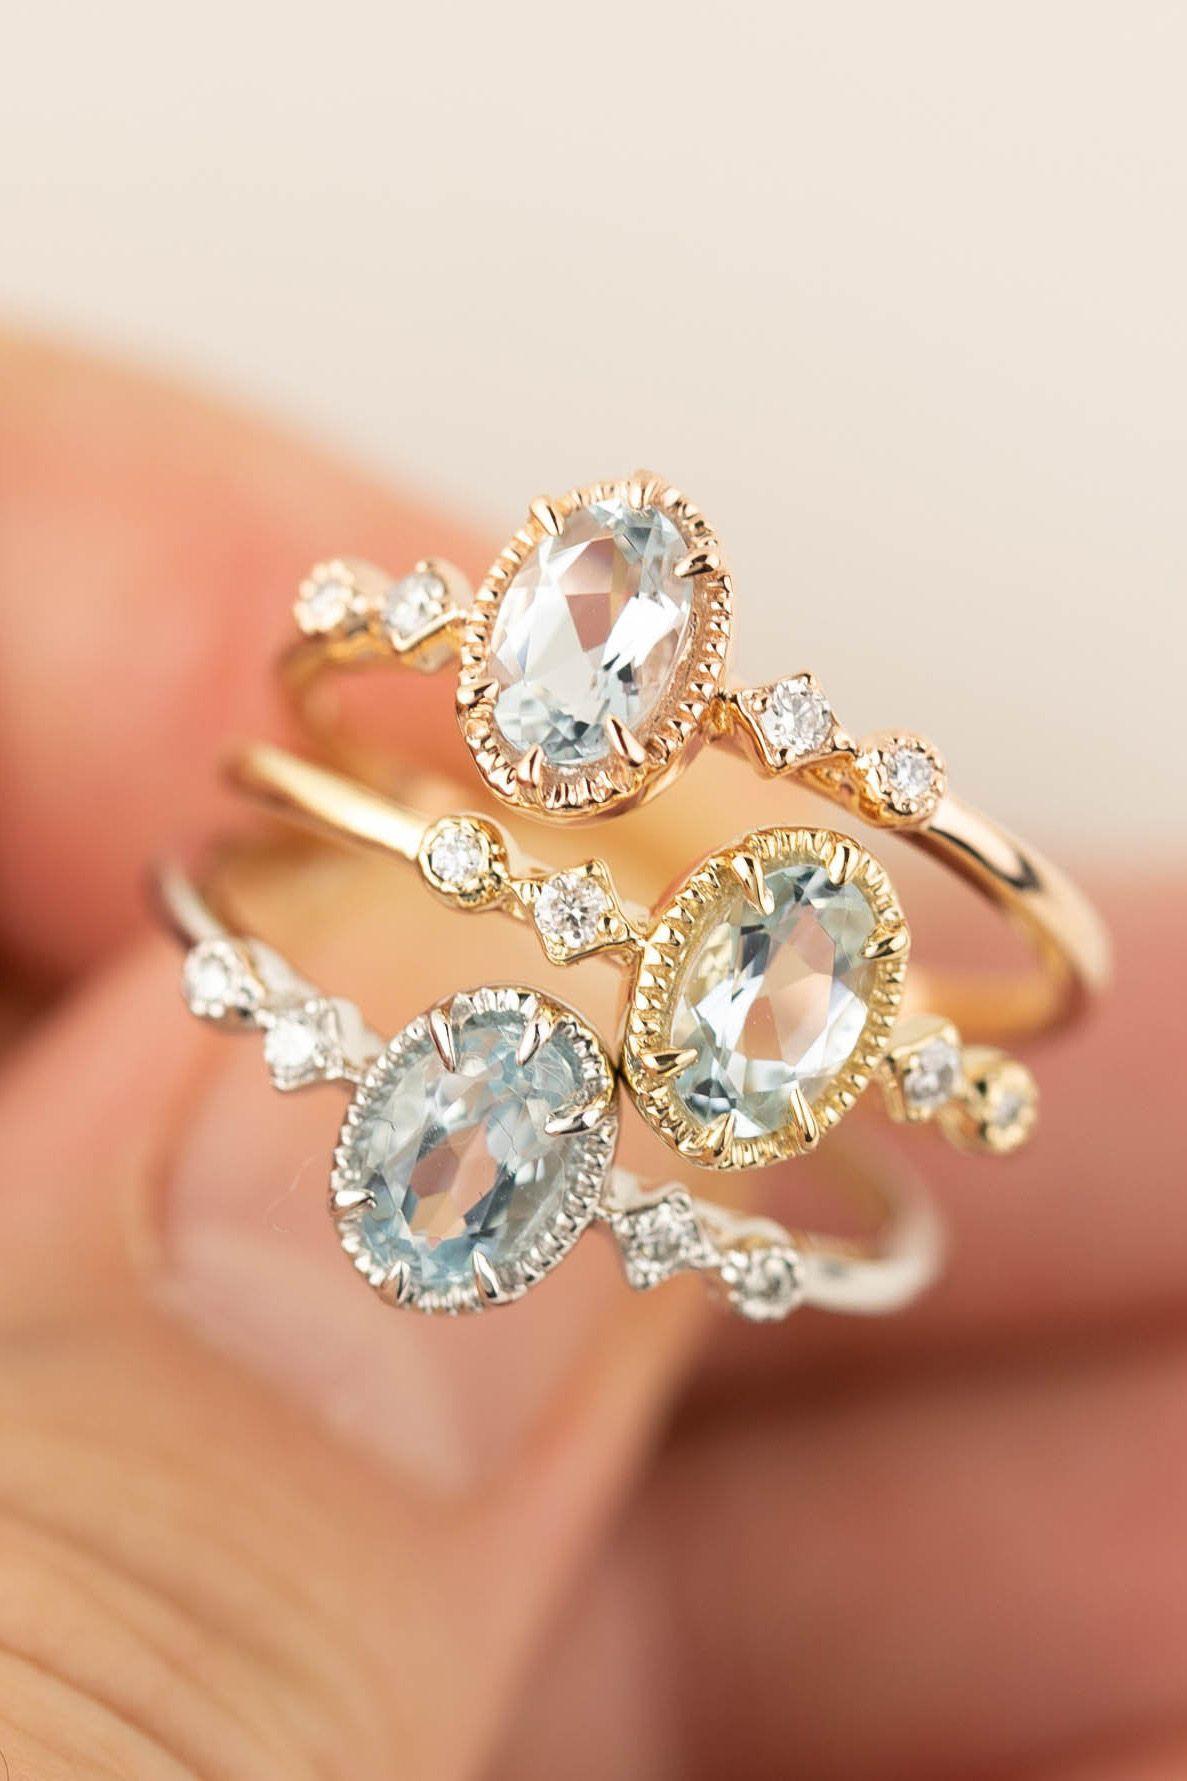 Aquamarine statement ring Oval aquamarine solitaire ring